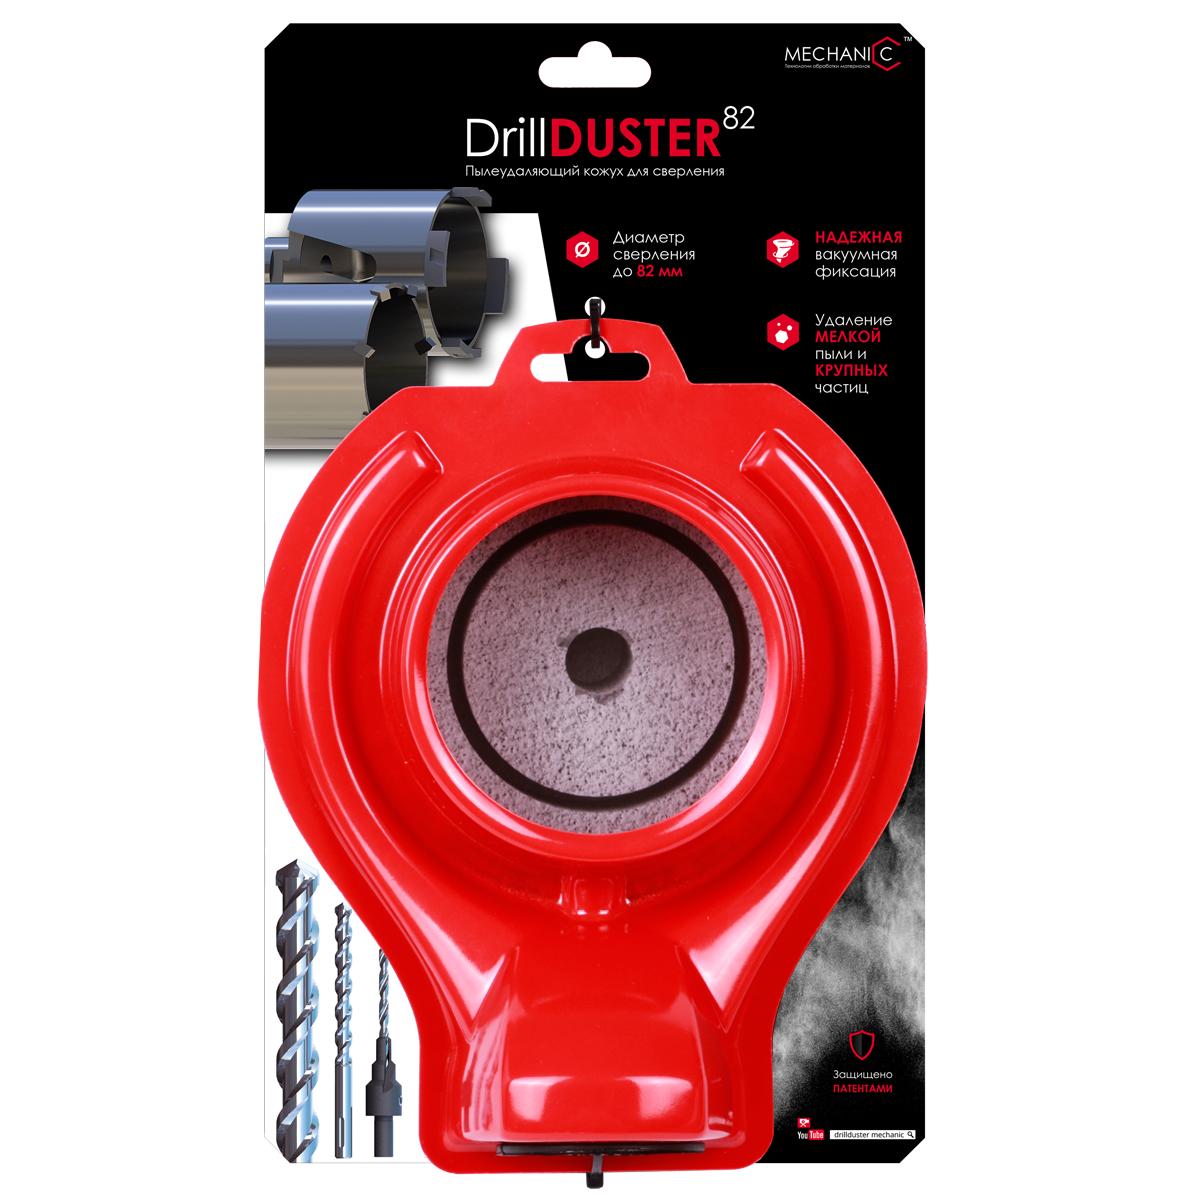 Пылеуловитель для сверления Mechanic DrillDUSTER 82